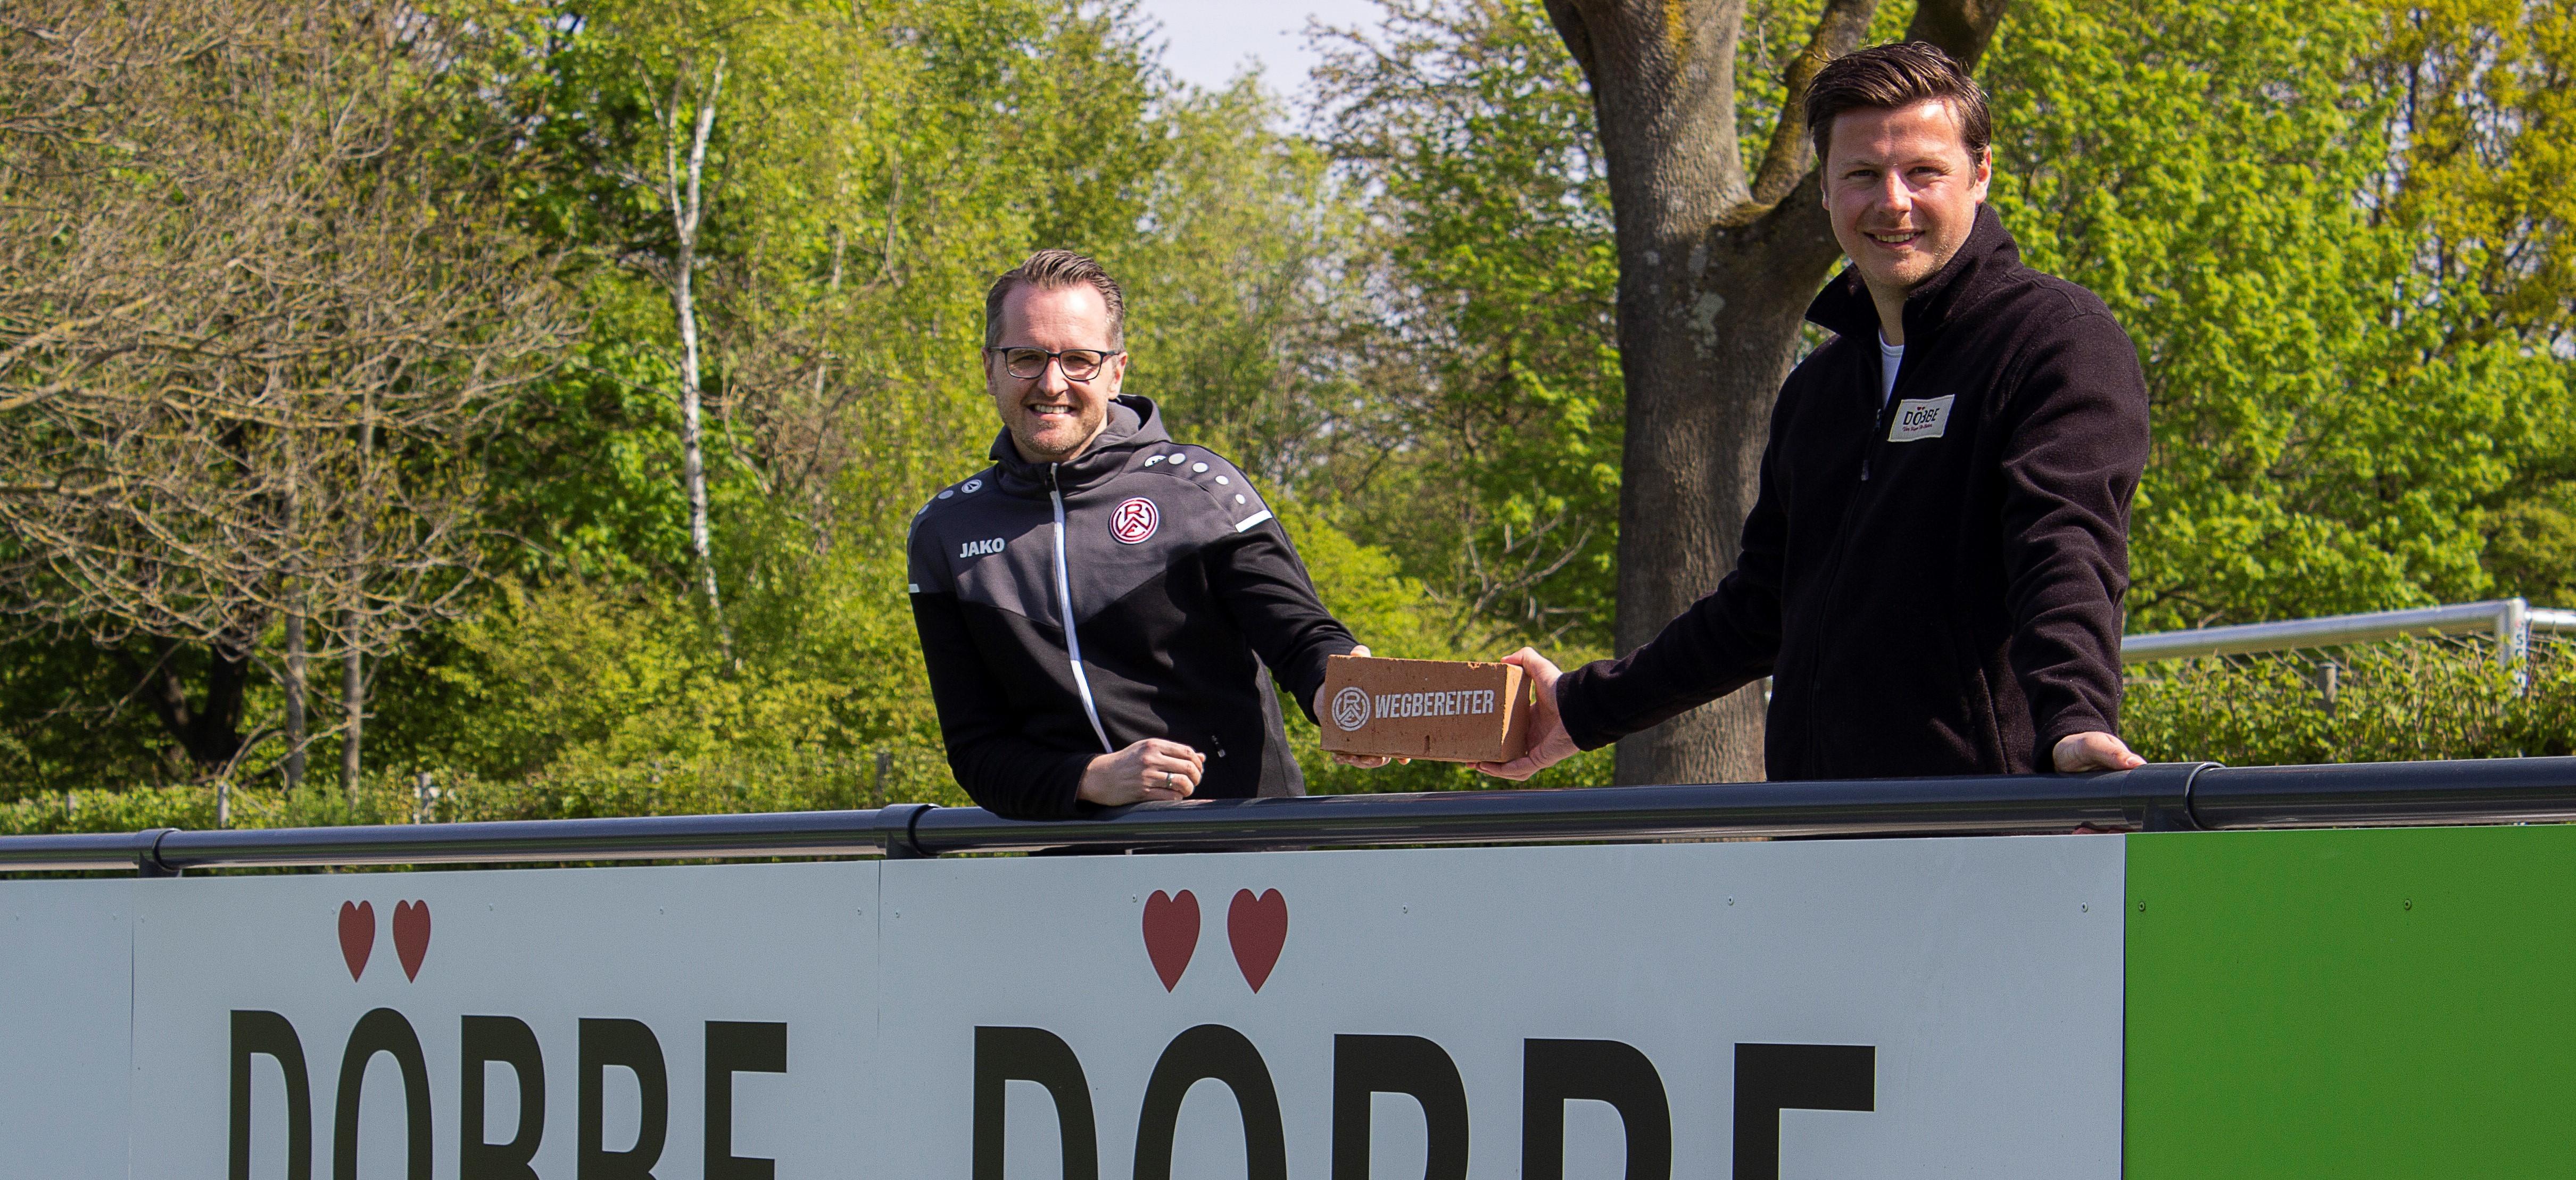 Gemeinsam anpacken: Die Essener Bäckerei Döbbe unterstützt den RWE-Nachwuchs als Wegbereiter. (Foto: Naarmann)